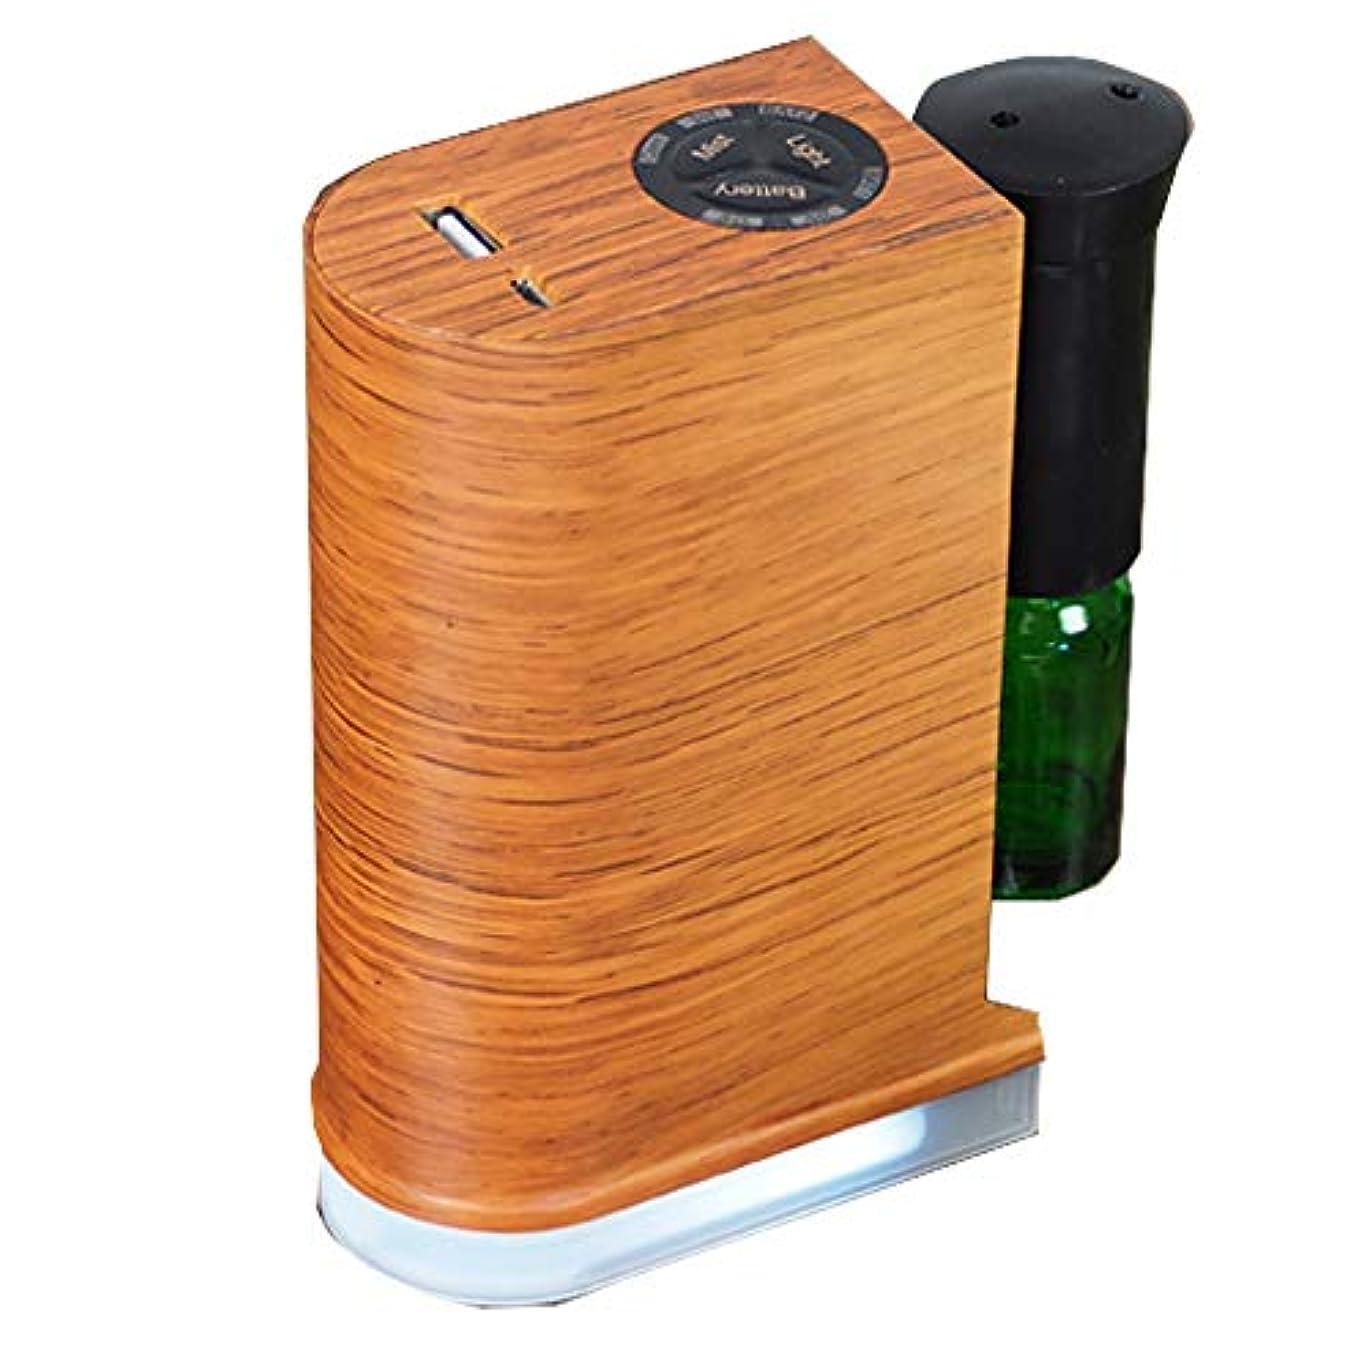 収縮ボリューム奪う木目調ネブライザー式ディフューザー【ブラウン】 / Q-001-BR / ###アロマQ-001茶###